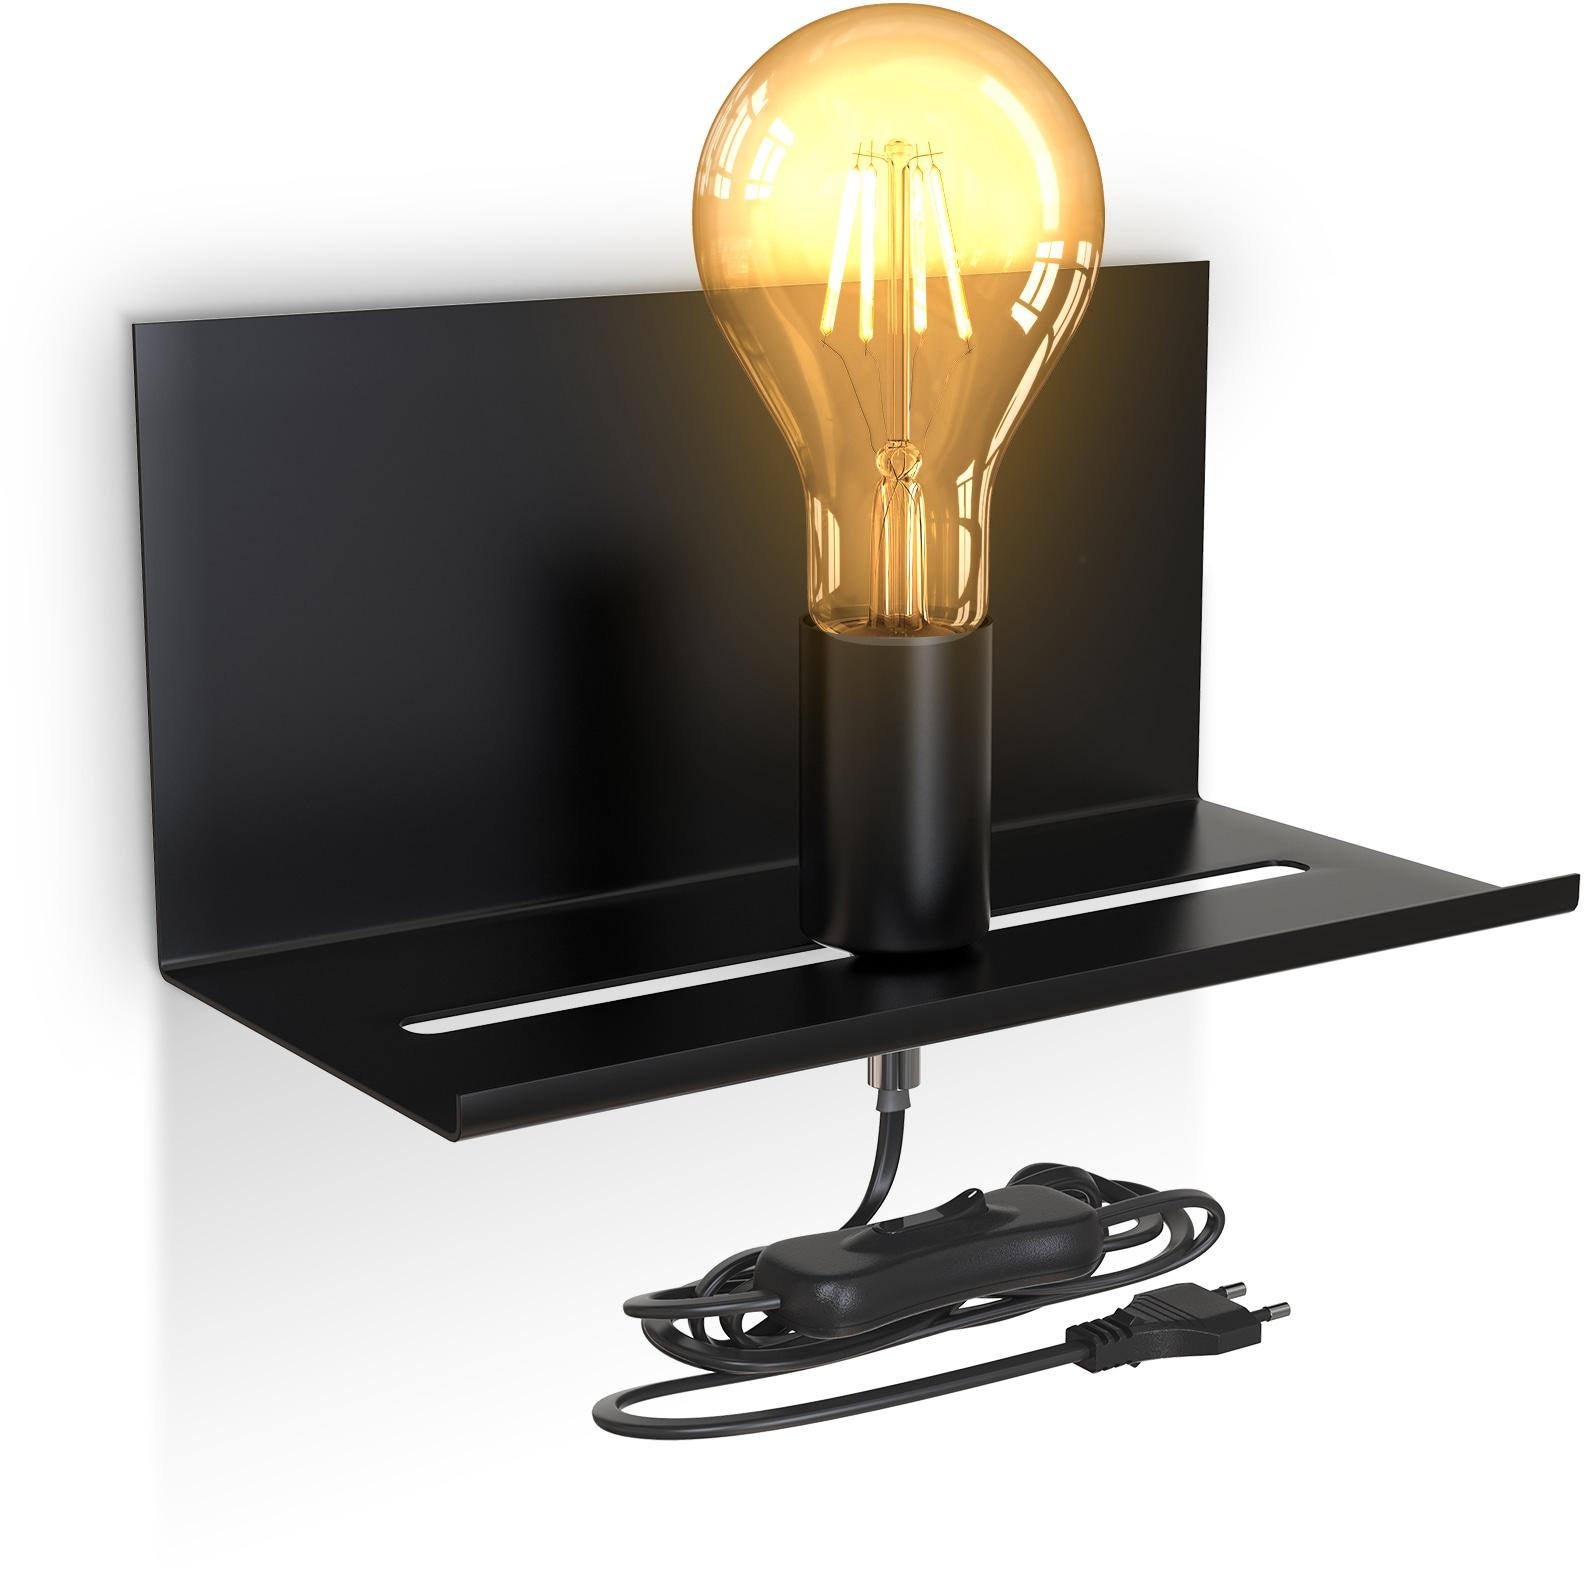 B.K.Licht Wandleuchte, E27, 1 St., Verstellbare Wandlampe mit Ablage, Kabelschalter, Schwarz, 1-flammig, E27, Retro Wandlampe